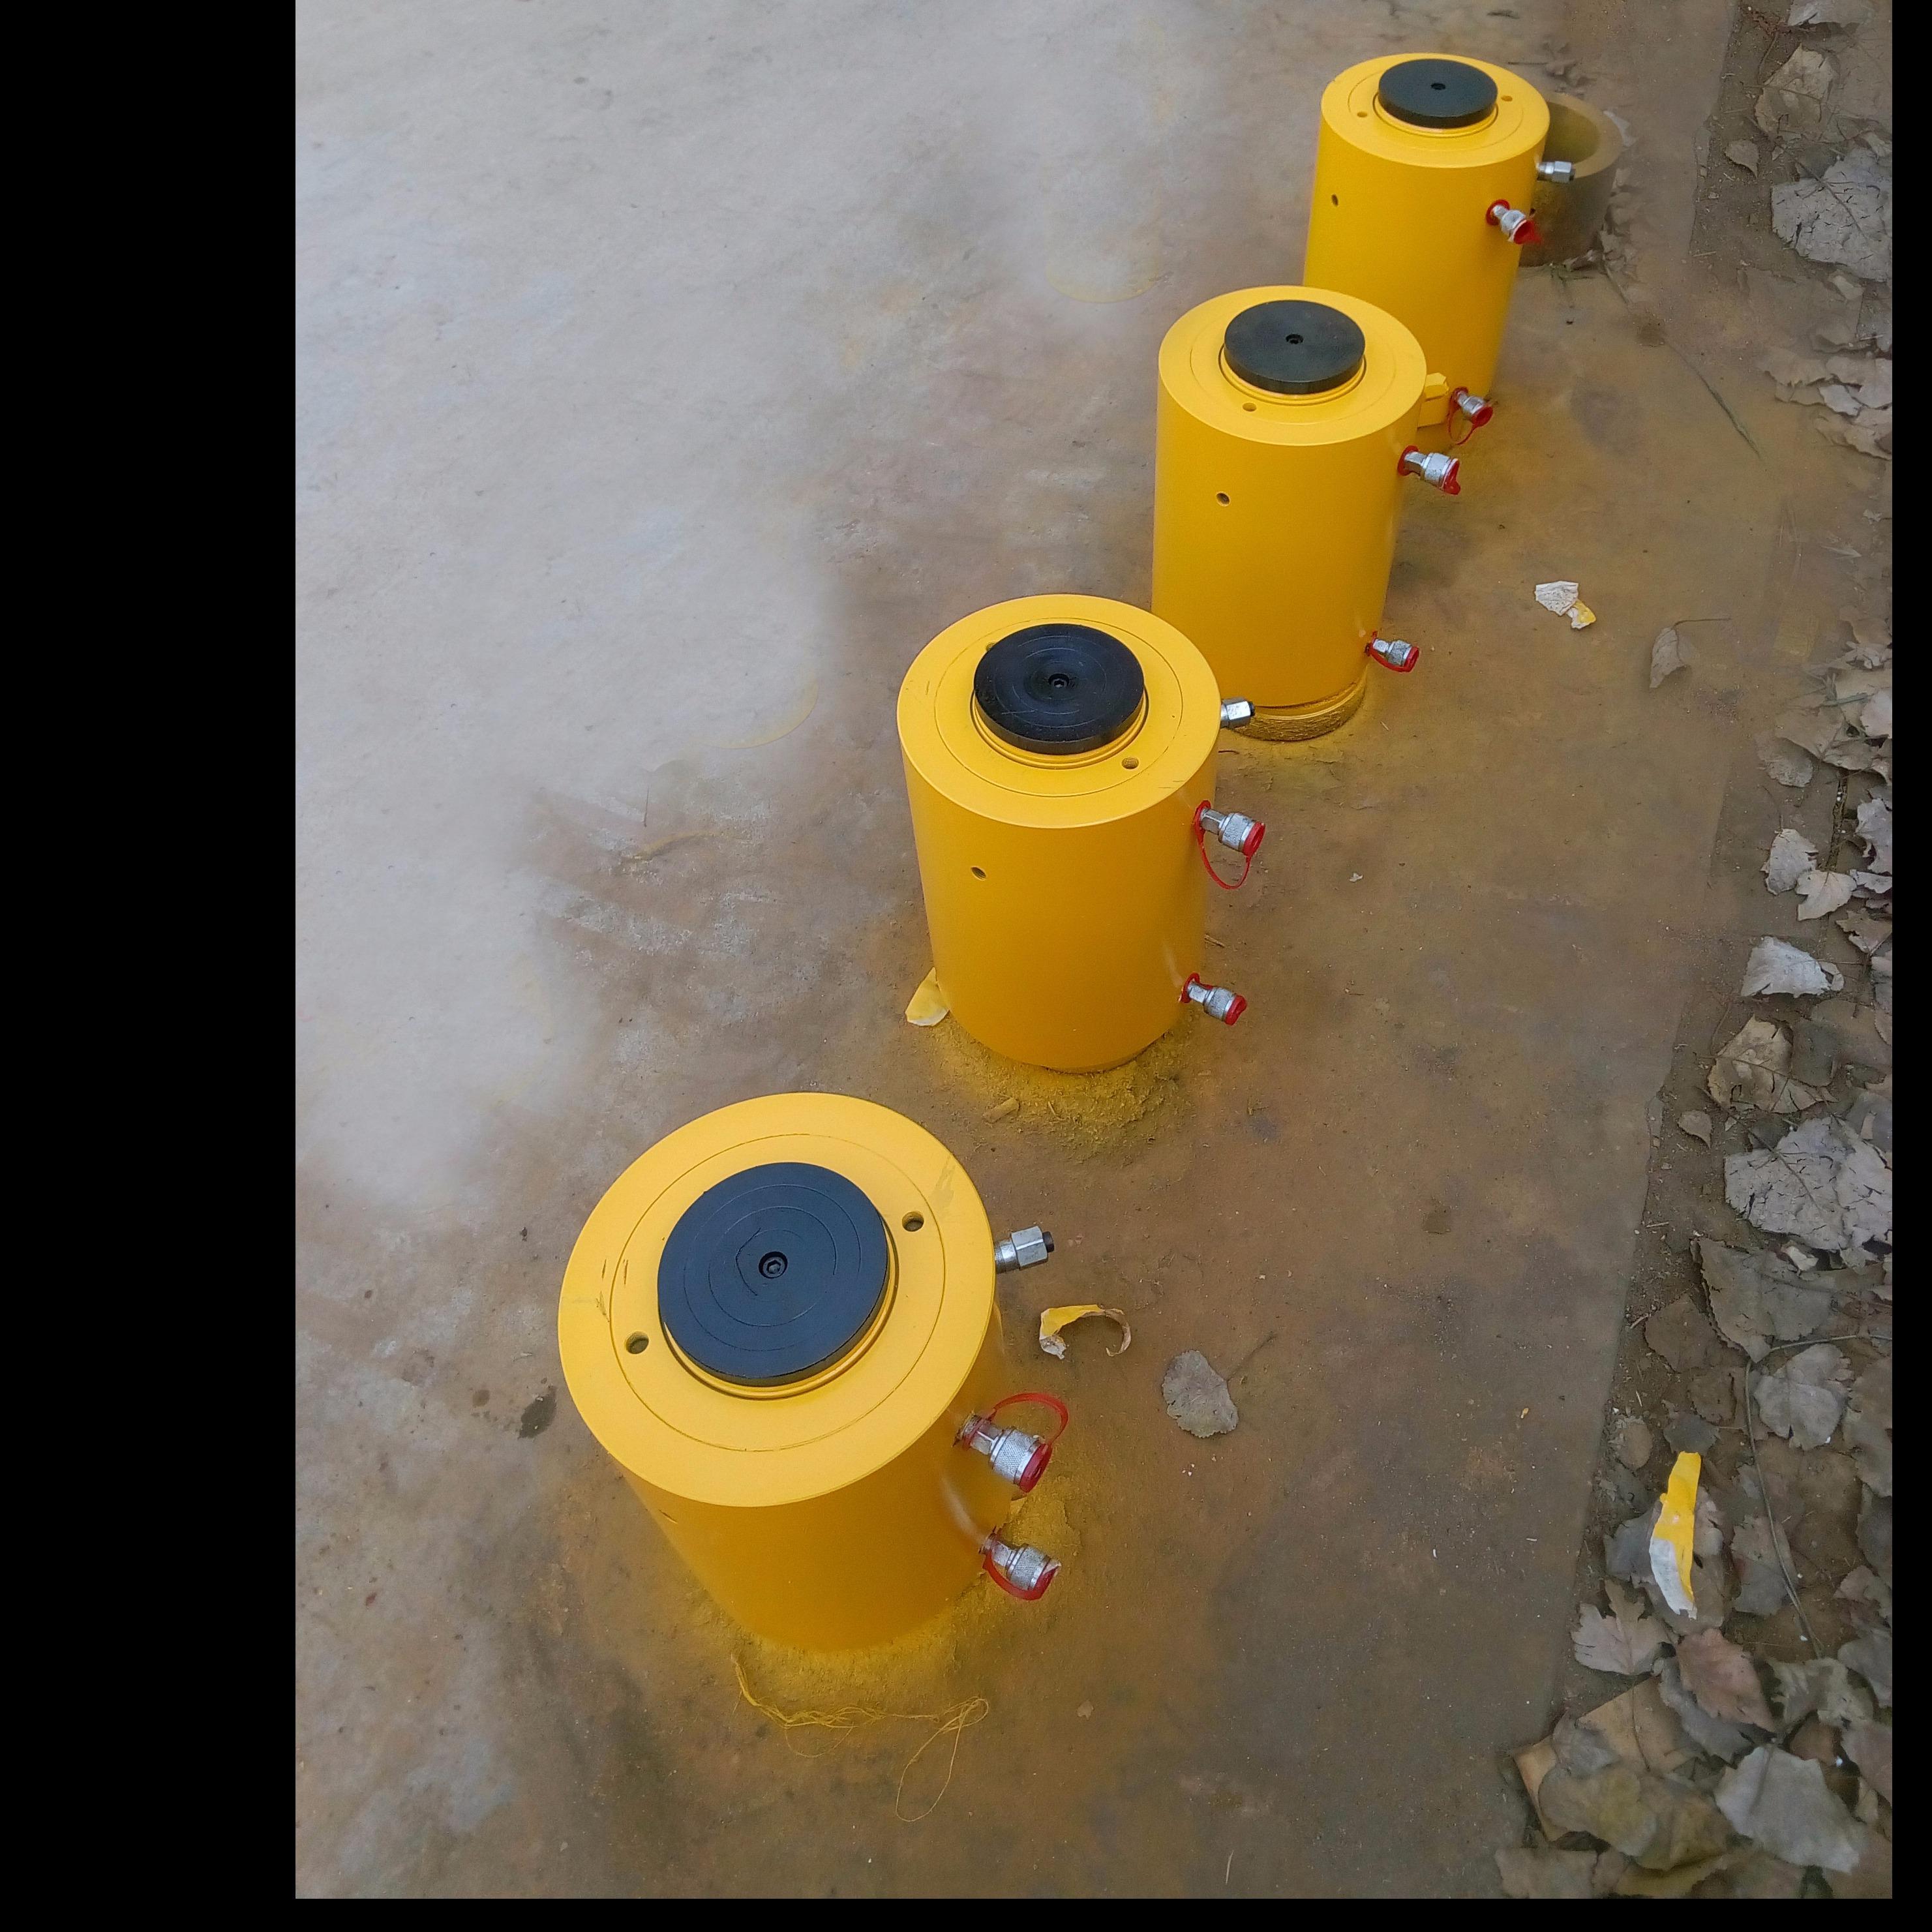 200吨液压千斤顶 双作用千斤顶 大吨位千斤顶 分离式液压千斤顶